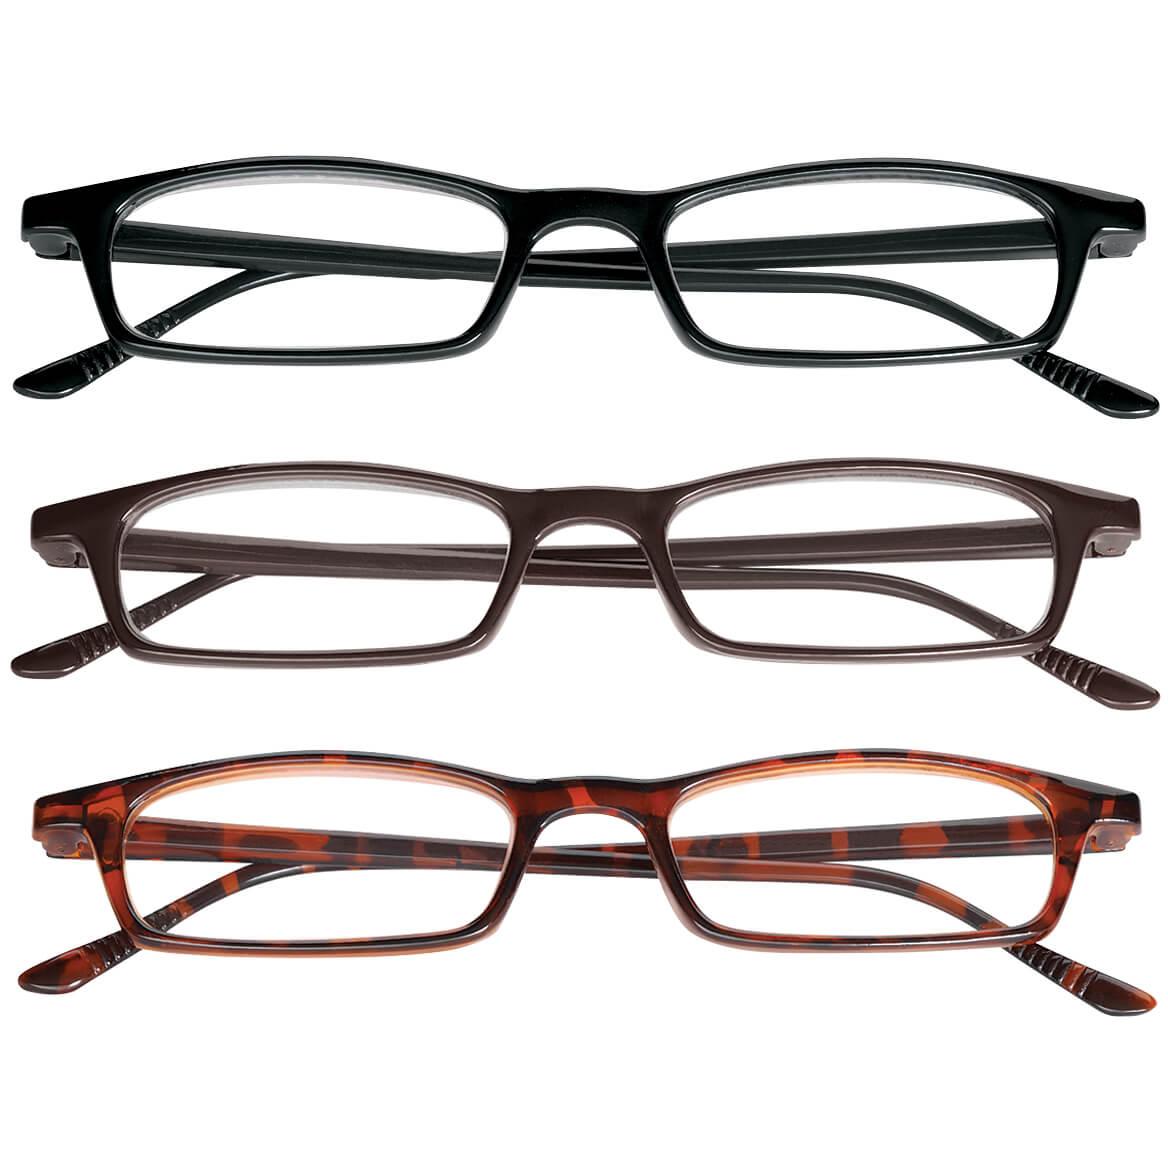 72d88258913 3 Pack Reading Glasses - Value Pack Reading Glasses - Miles Kimball